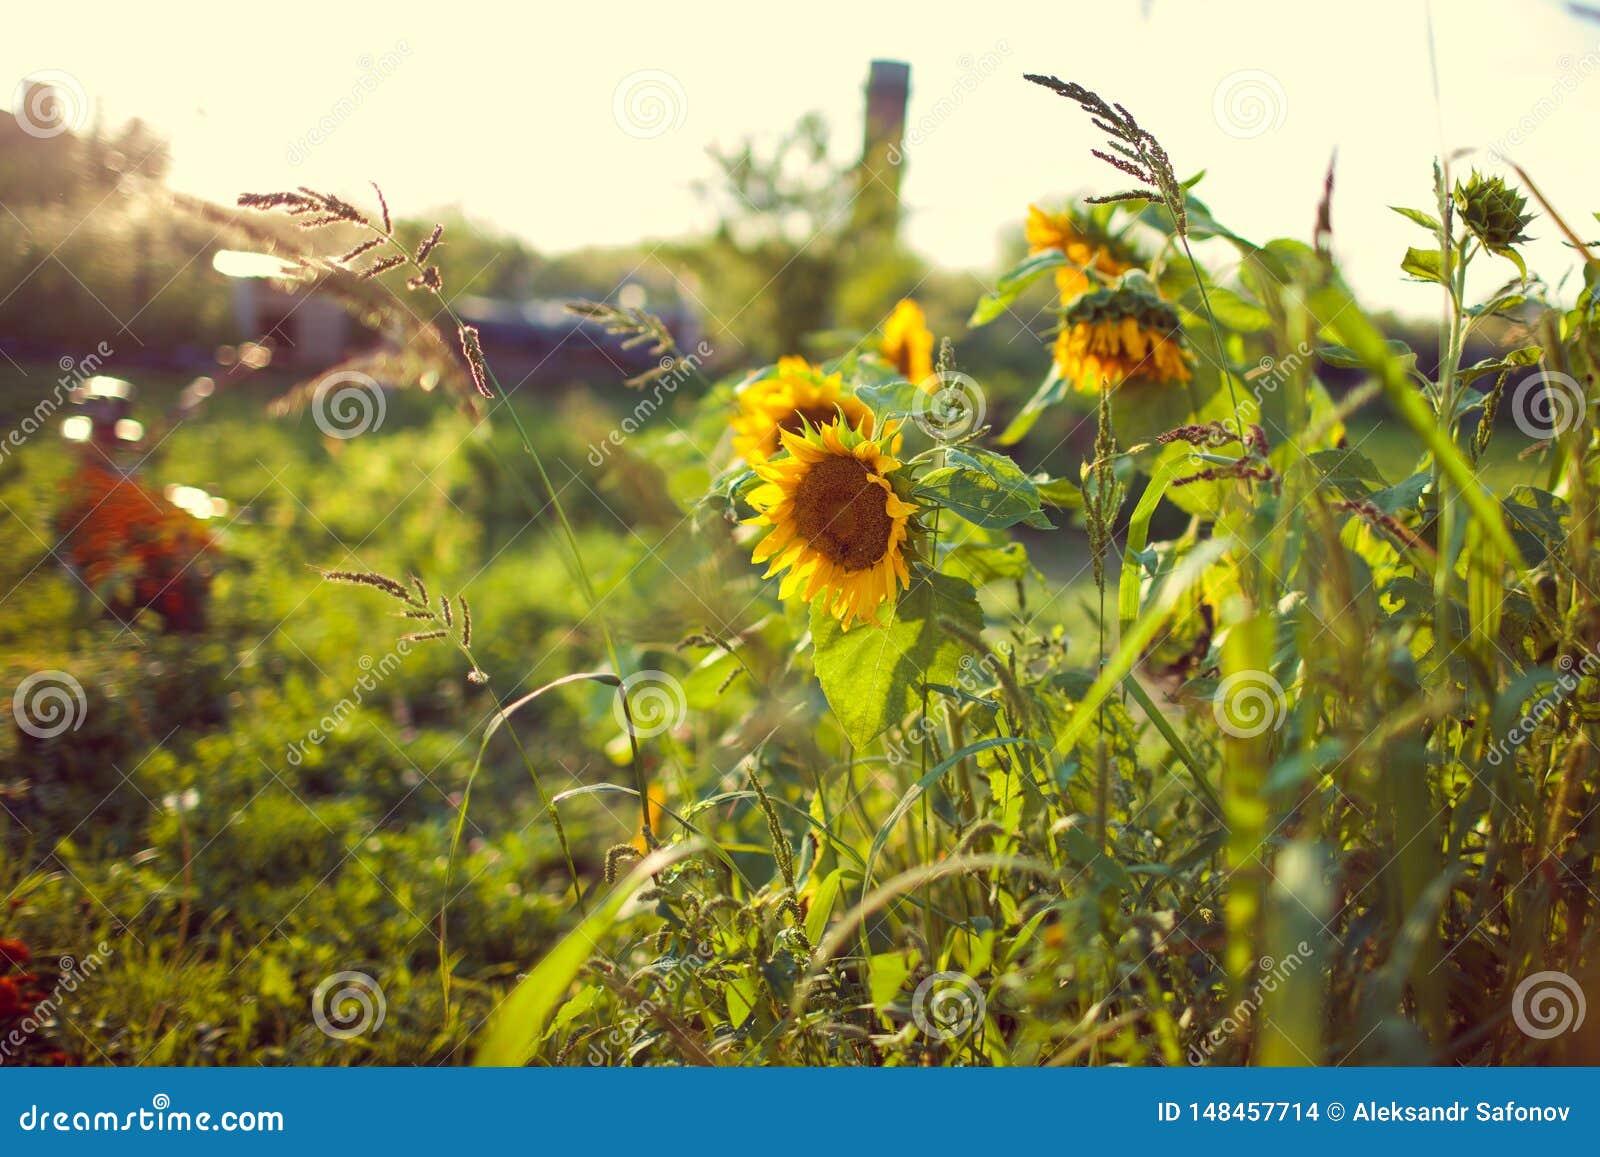 充满软的焦点和温暖的心情的美丽的黄色向日葵花